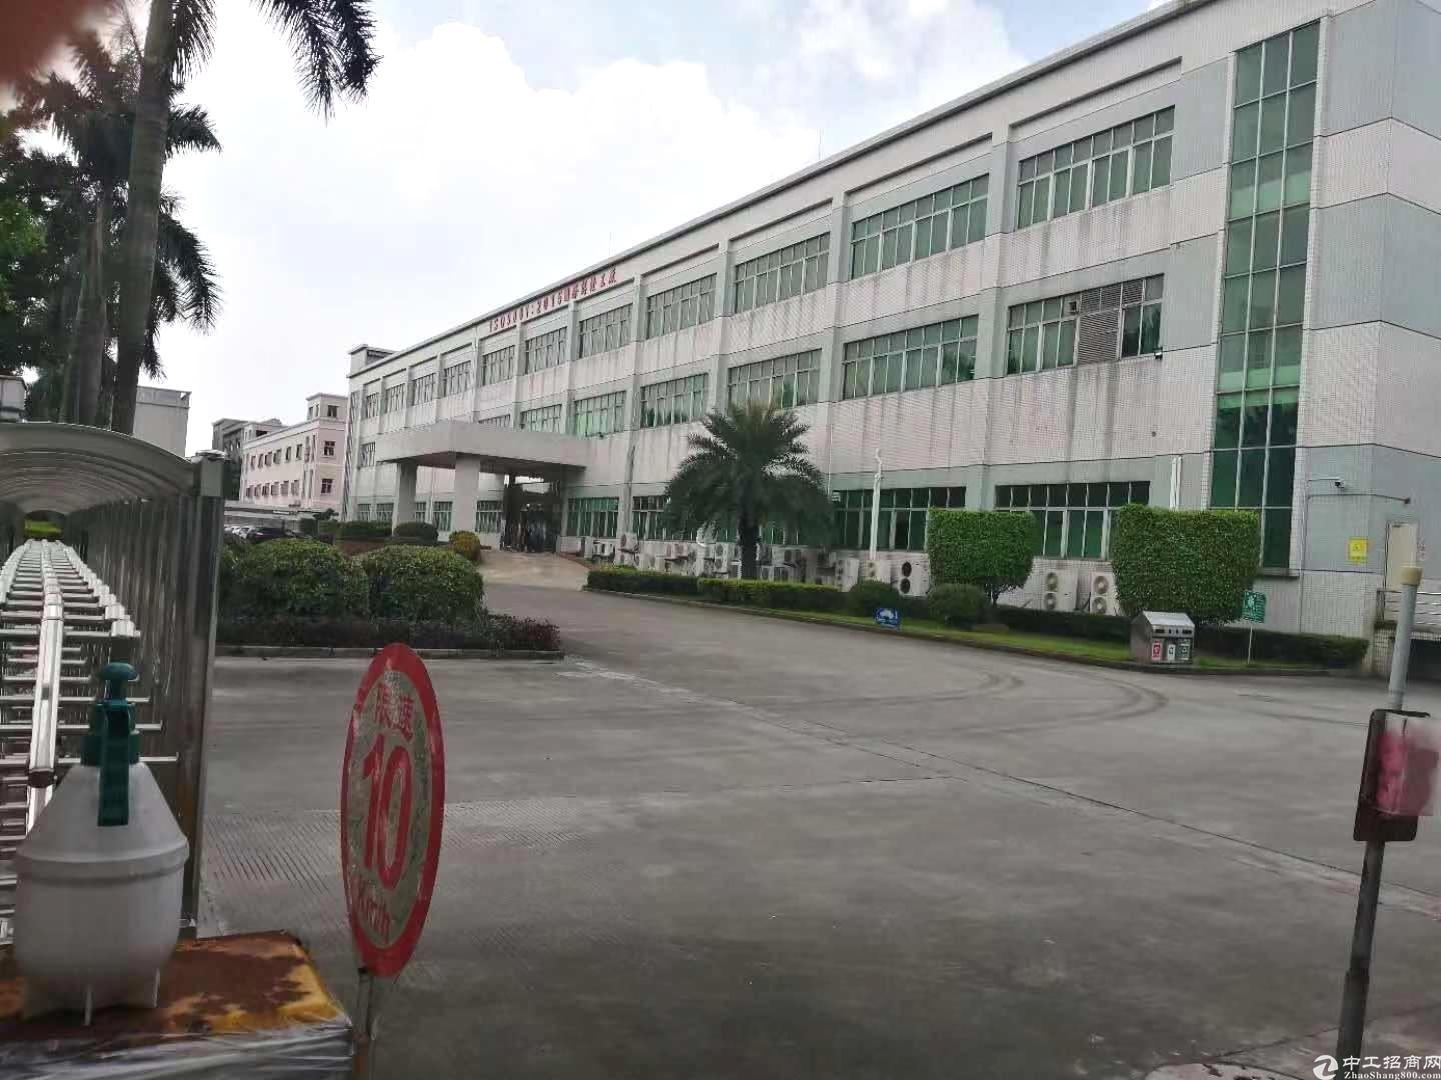 光明新区独院15300平楼房厂房仓库出租超大空地带卸货平台